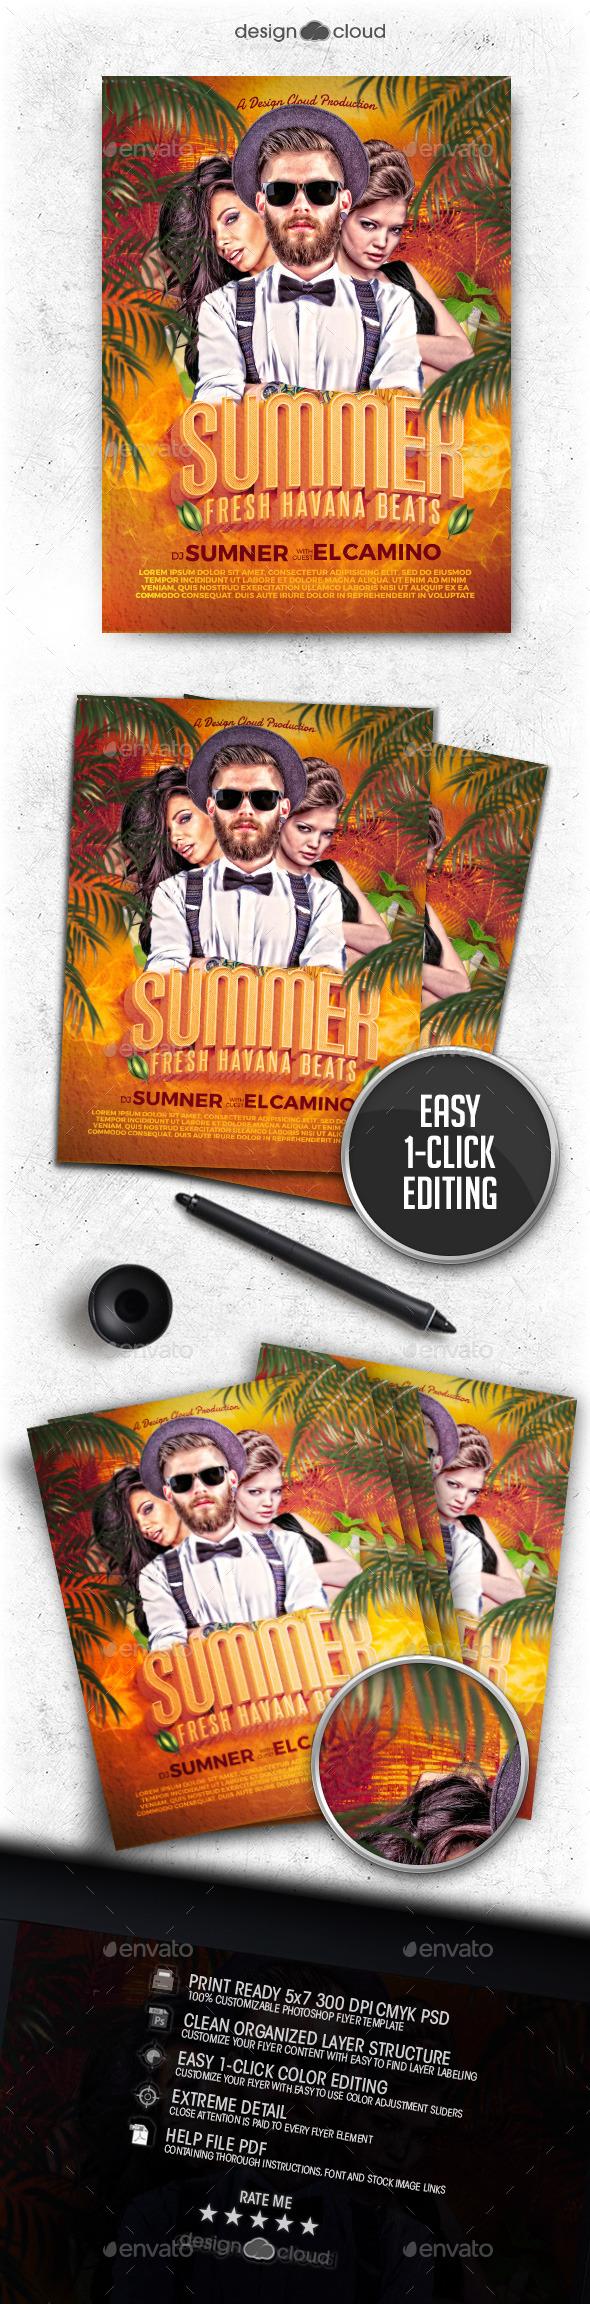 Summer DJ - Fresh Havana Beats Flyer Template - Clubs & Parties Events